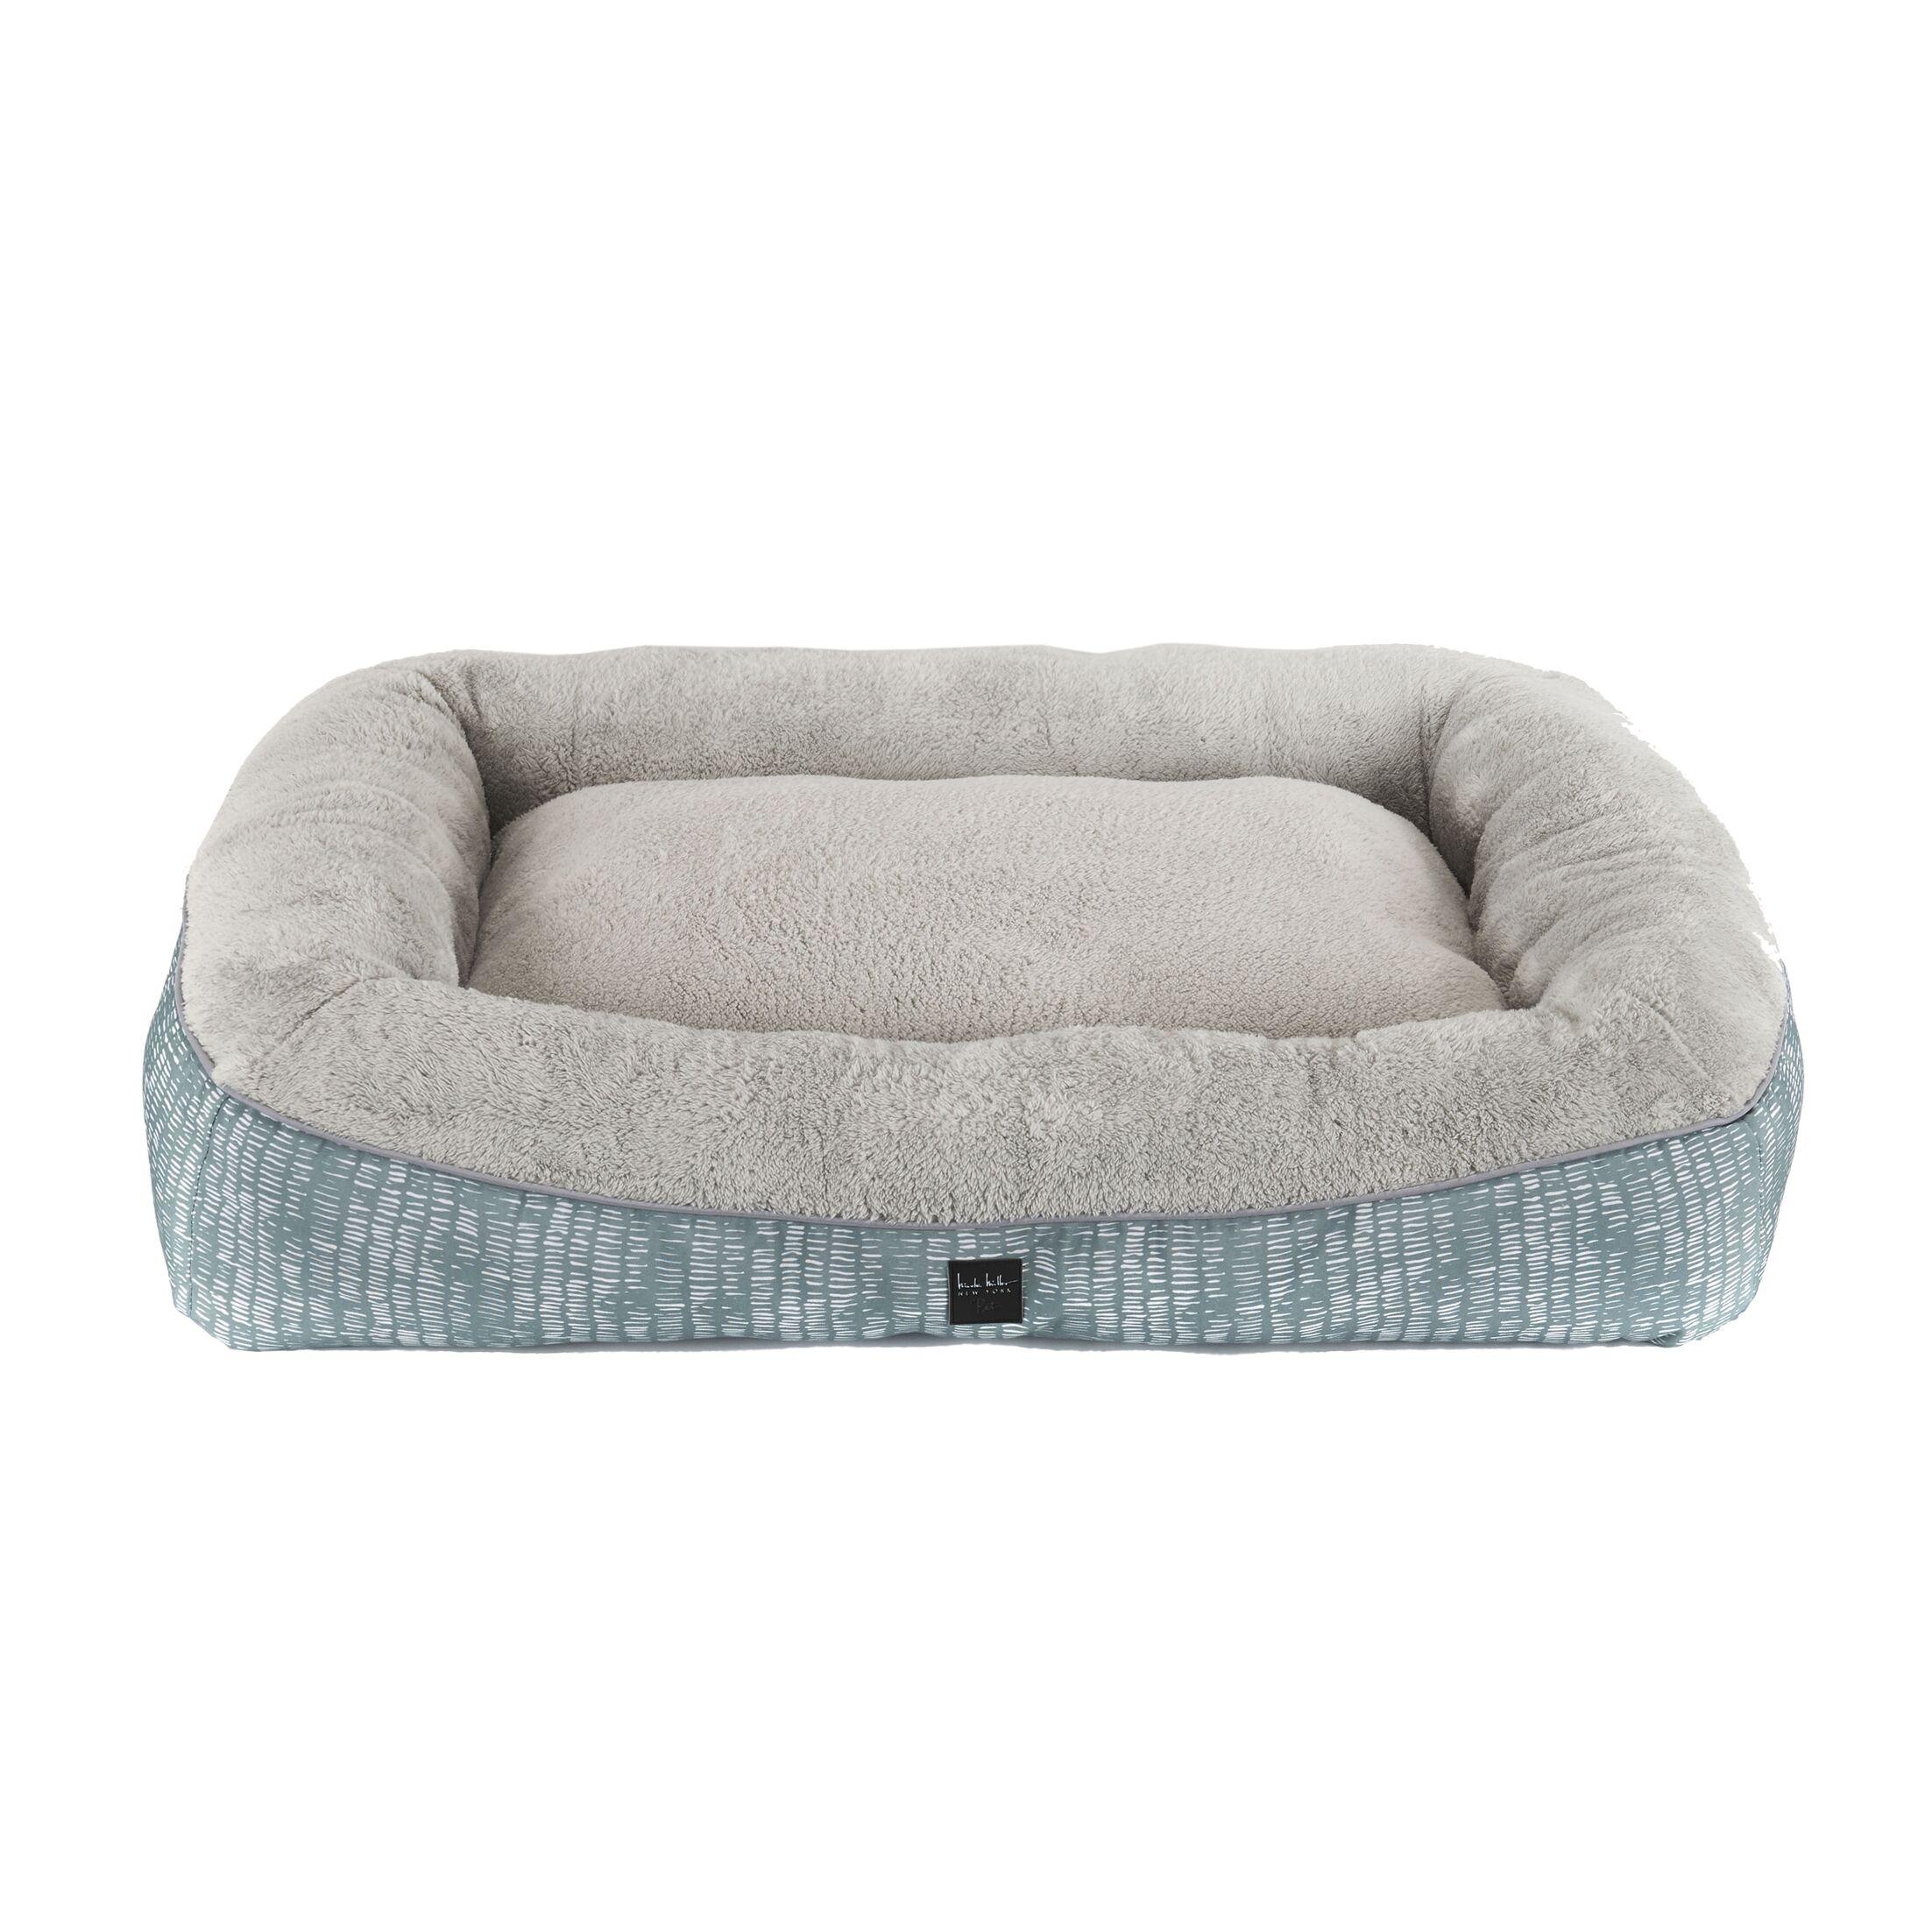 Comfy Pooch Dog Bolster Color: Jade